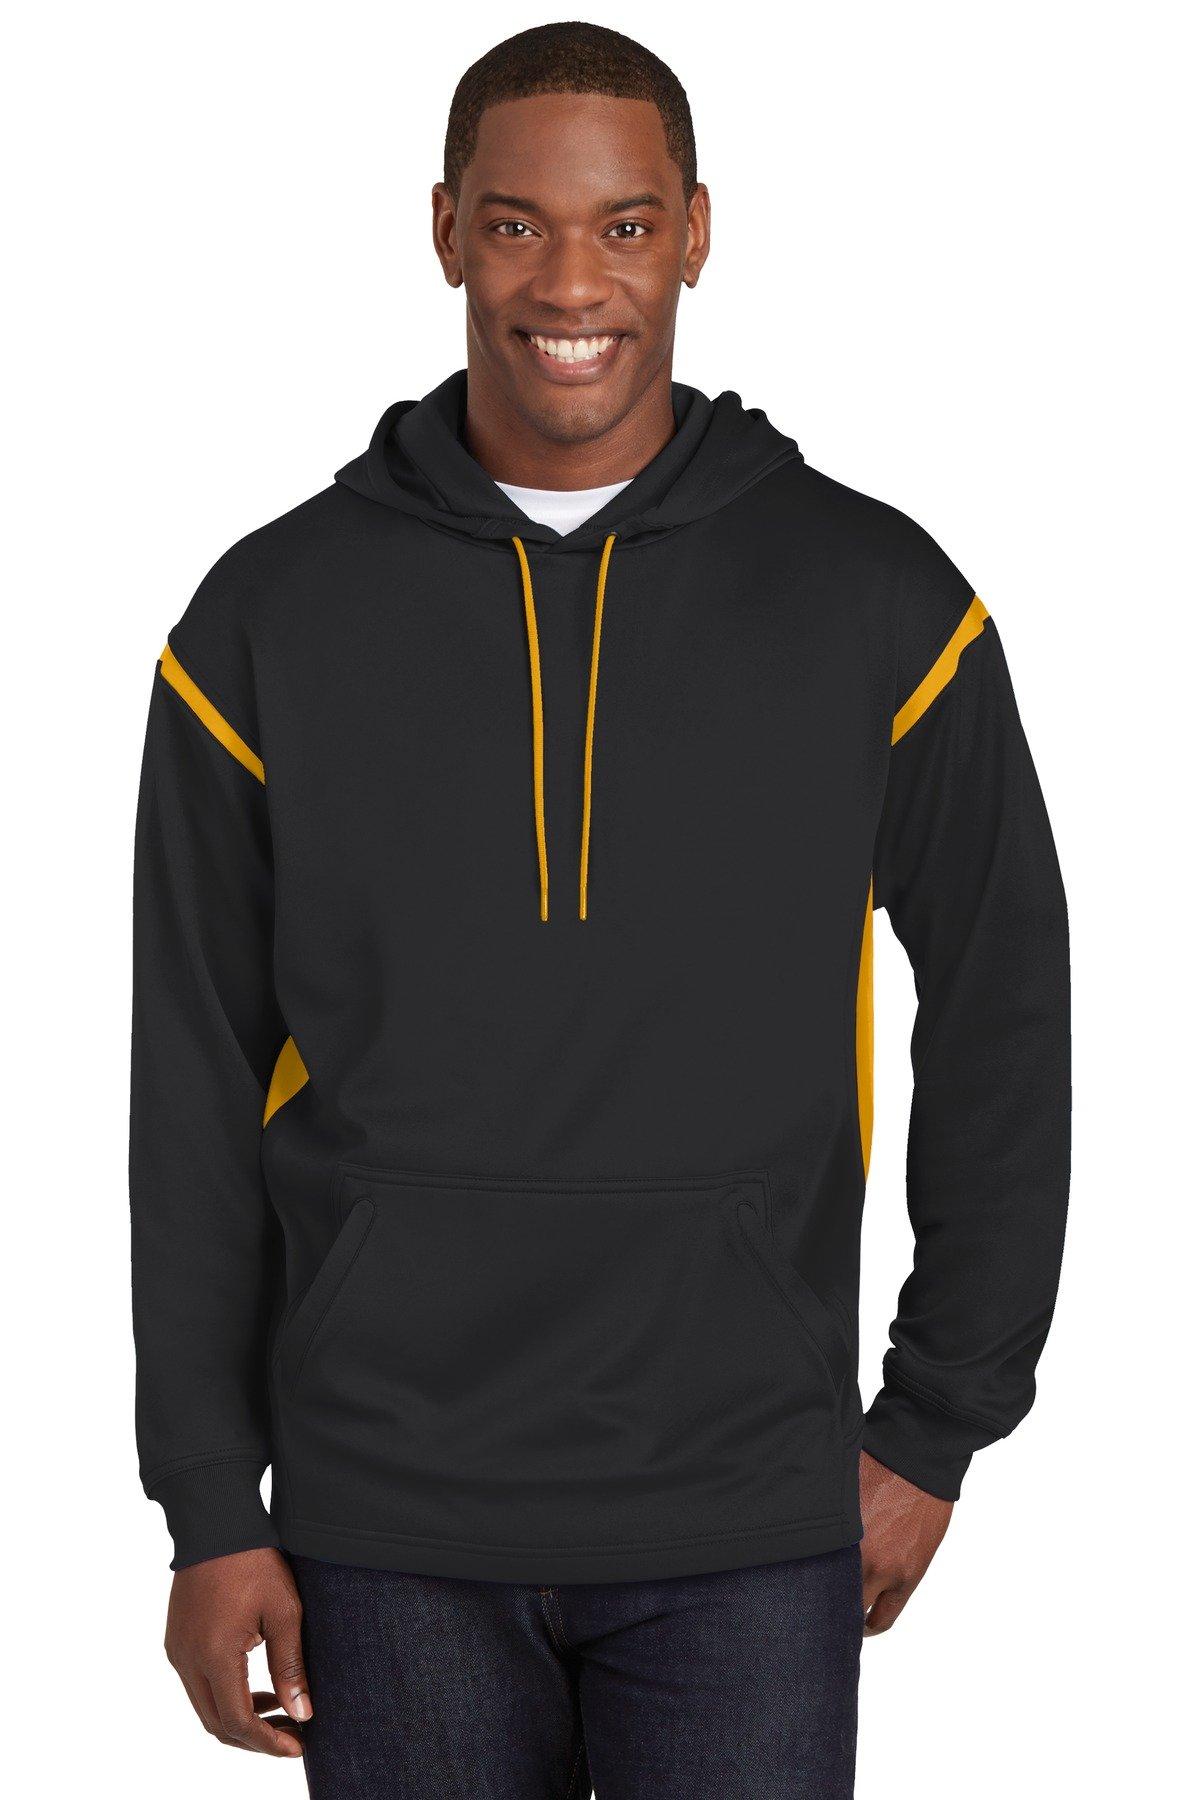 Sport-Tek Tall Tech Fleece Colorblock Hooded Sweatshirt 4XLT Black/ Gold by Sport-Tek